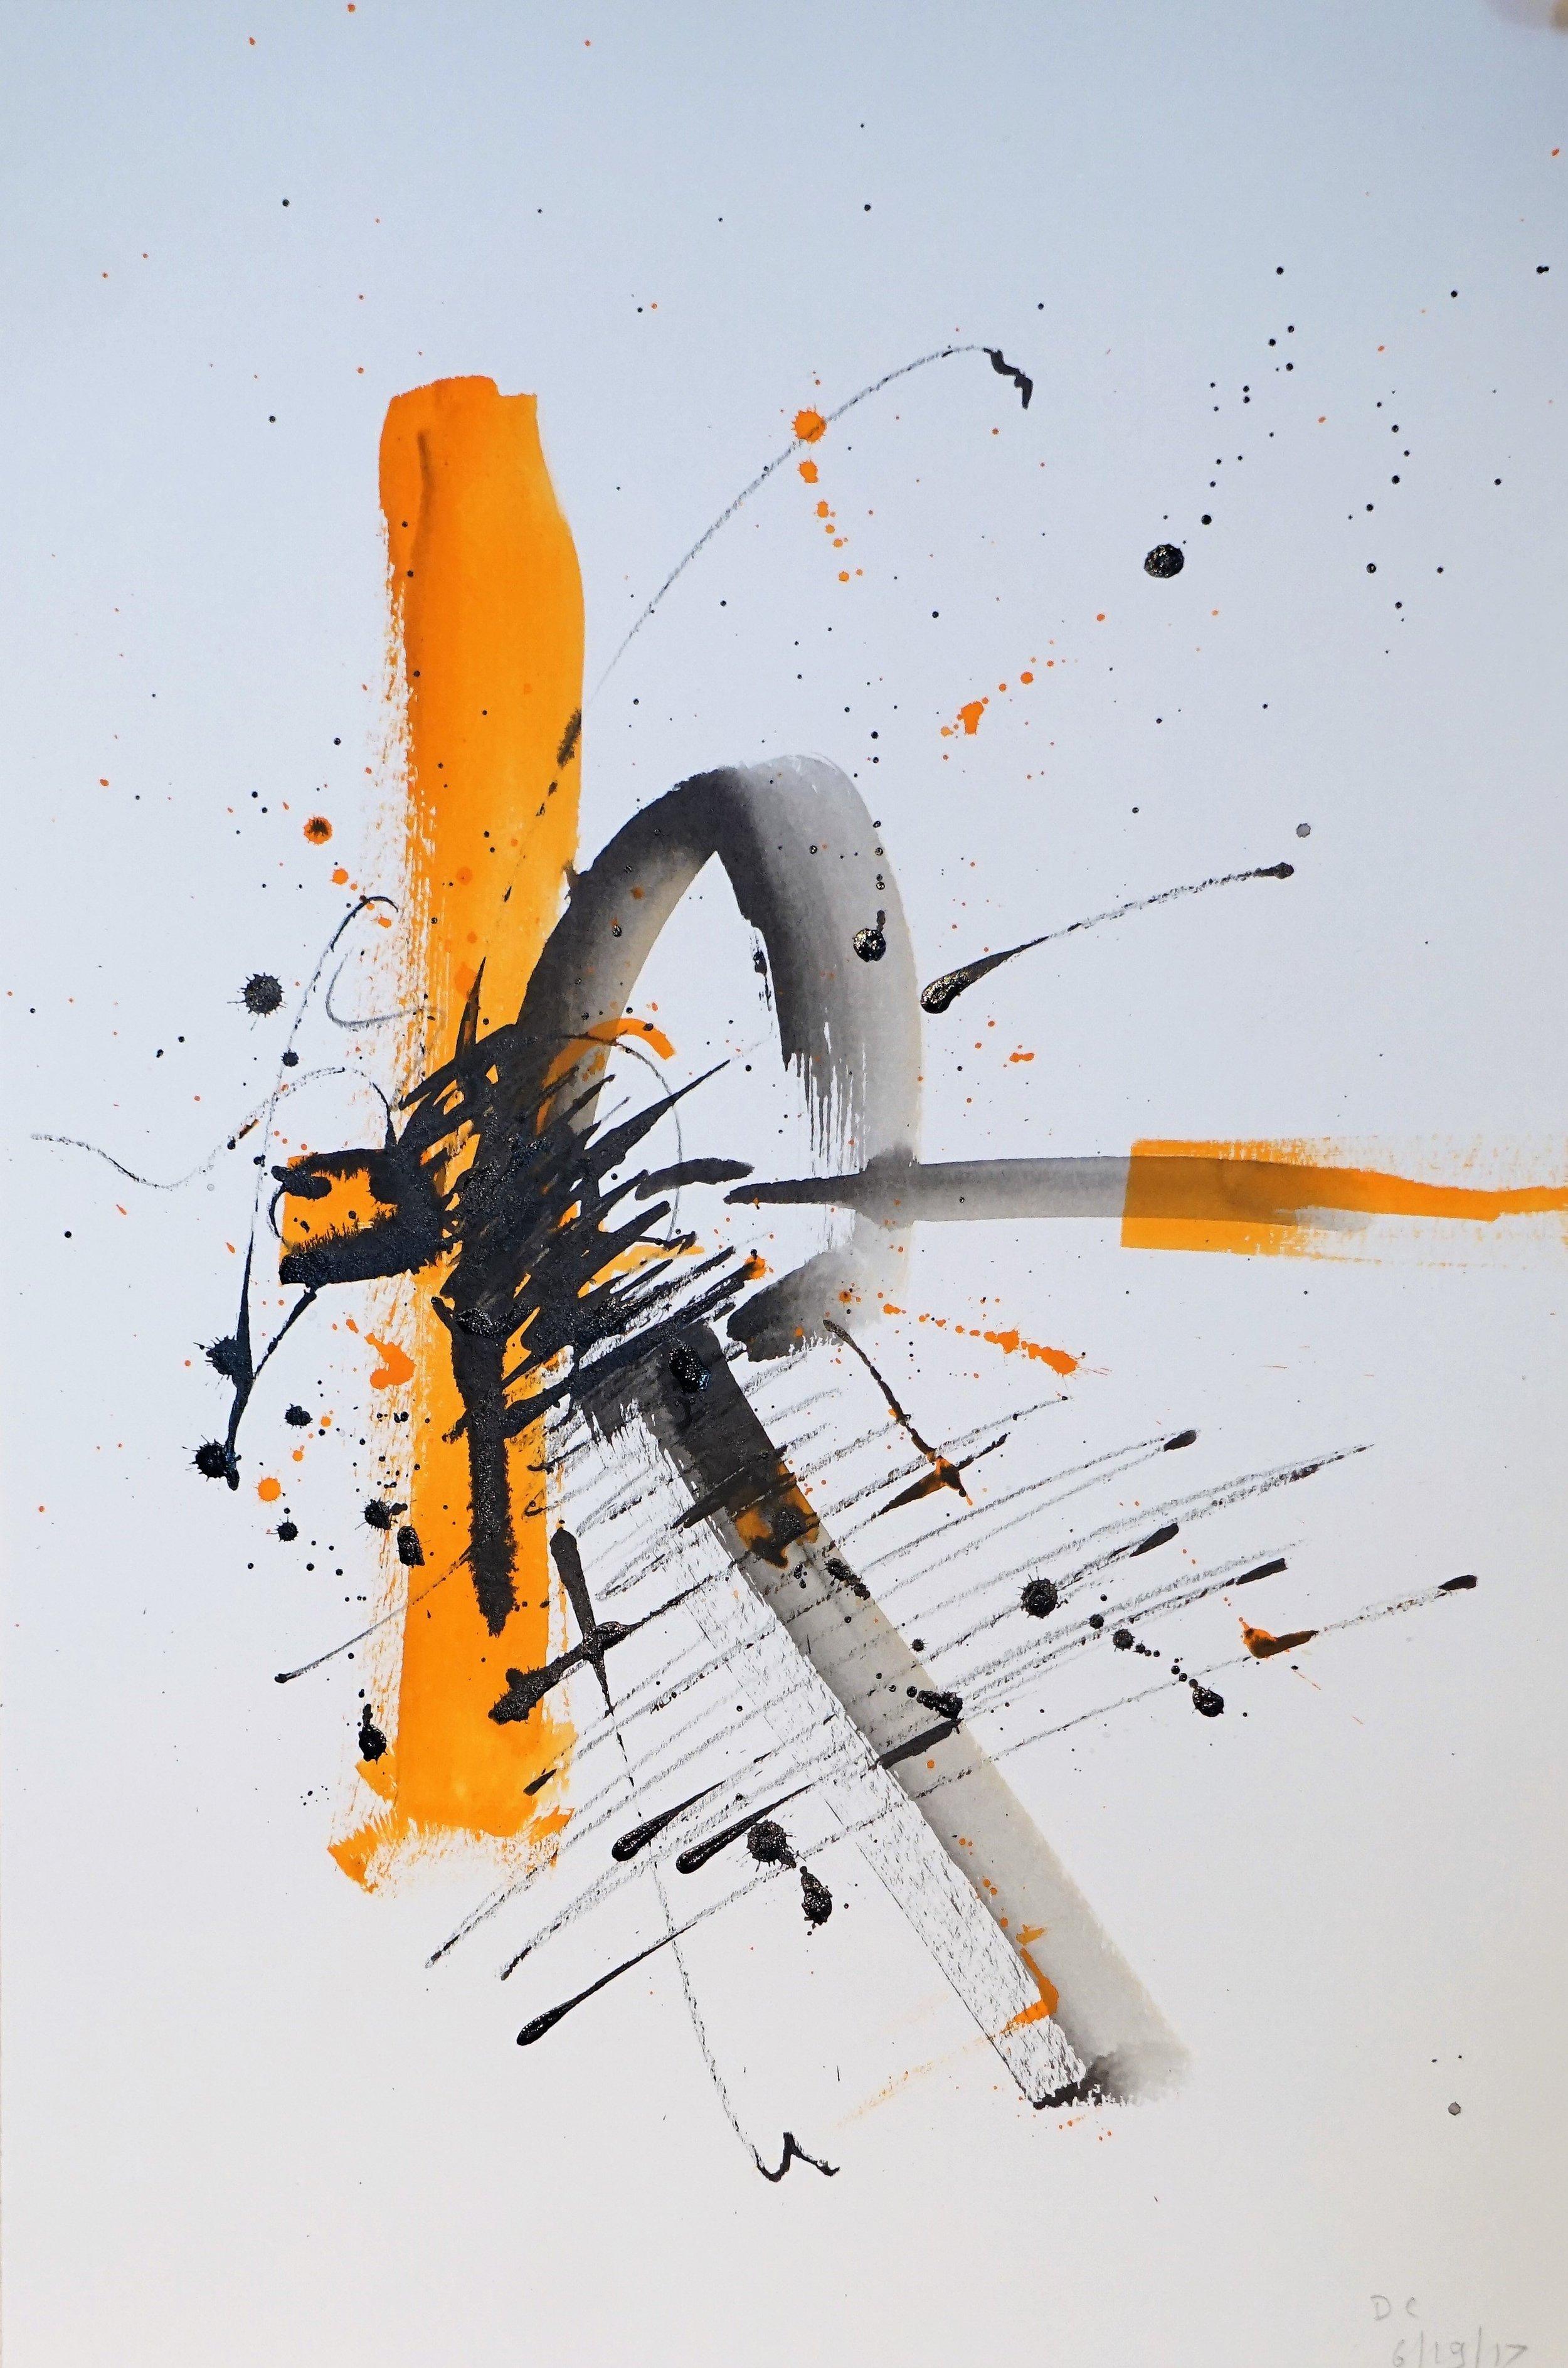 Frustration in Orange and Black #5